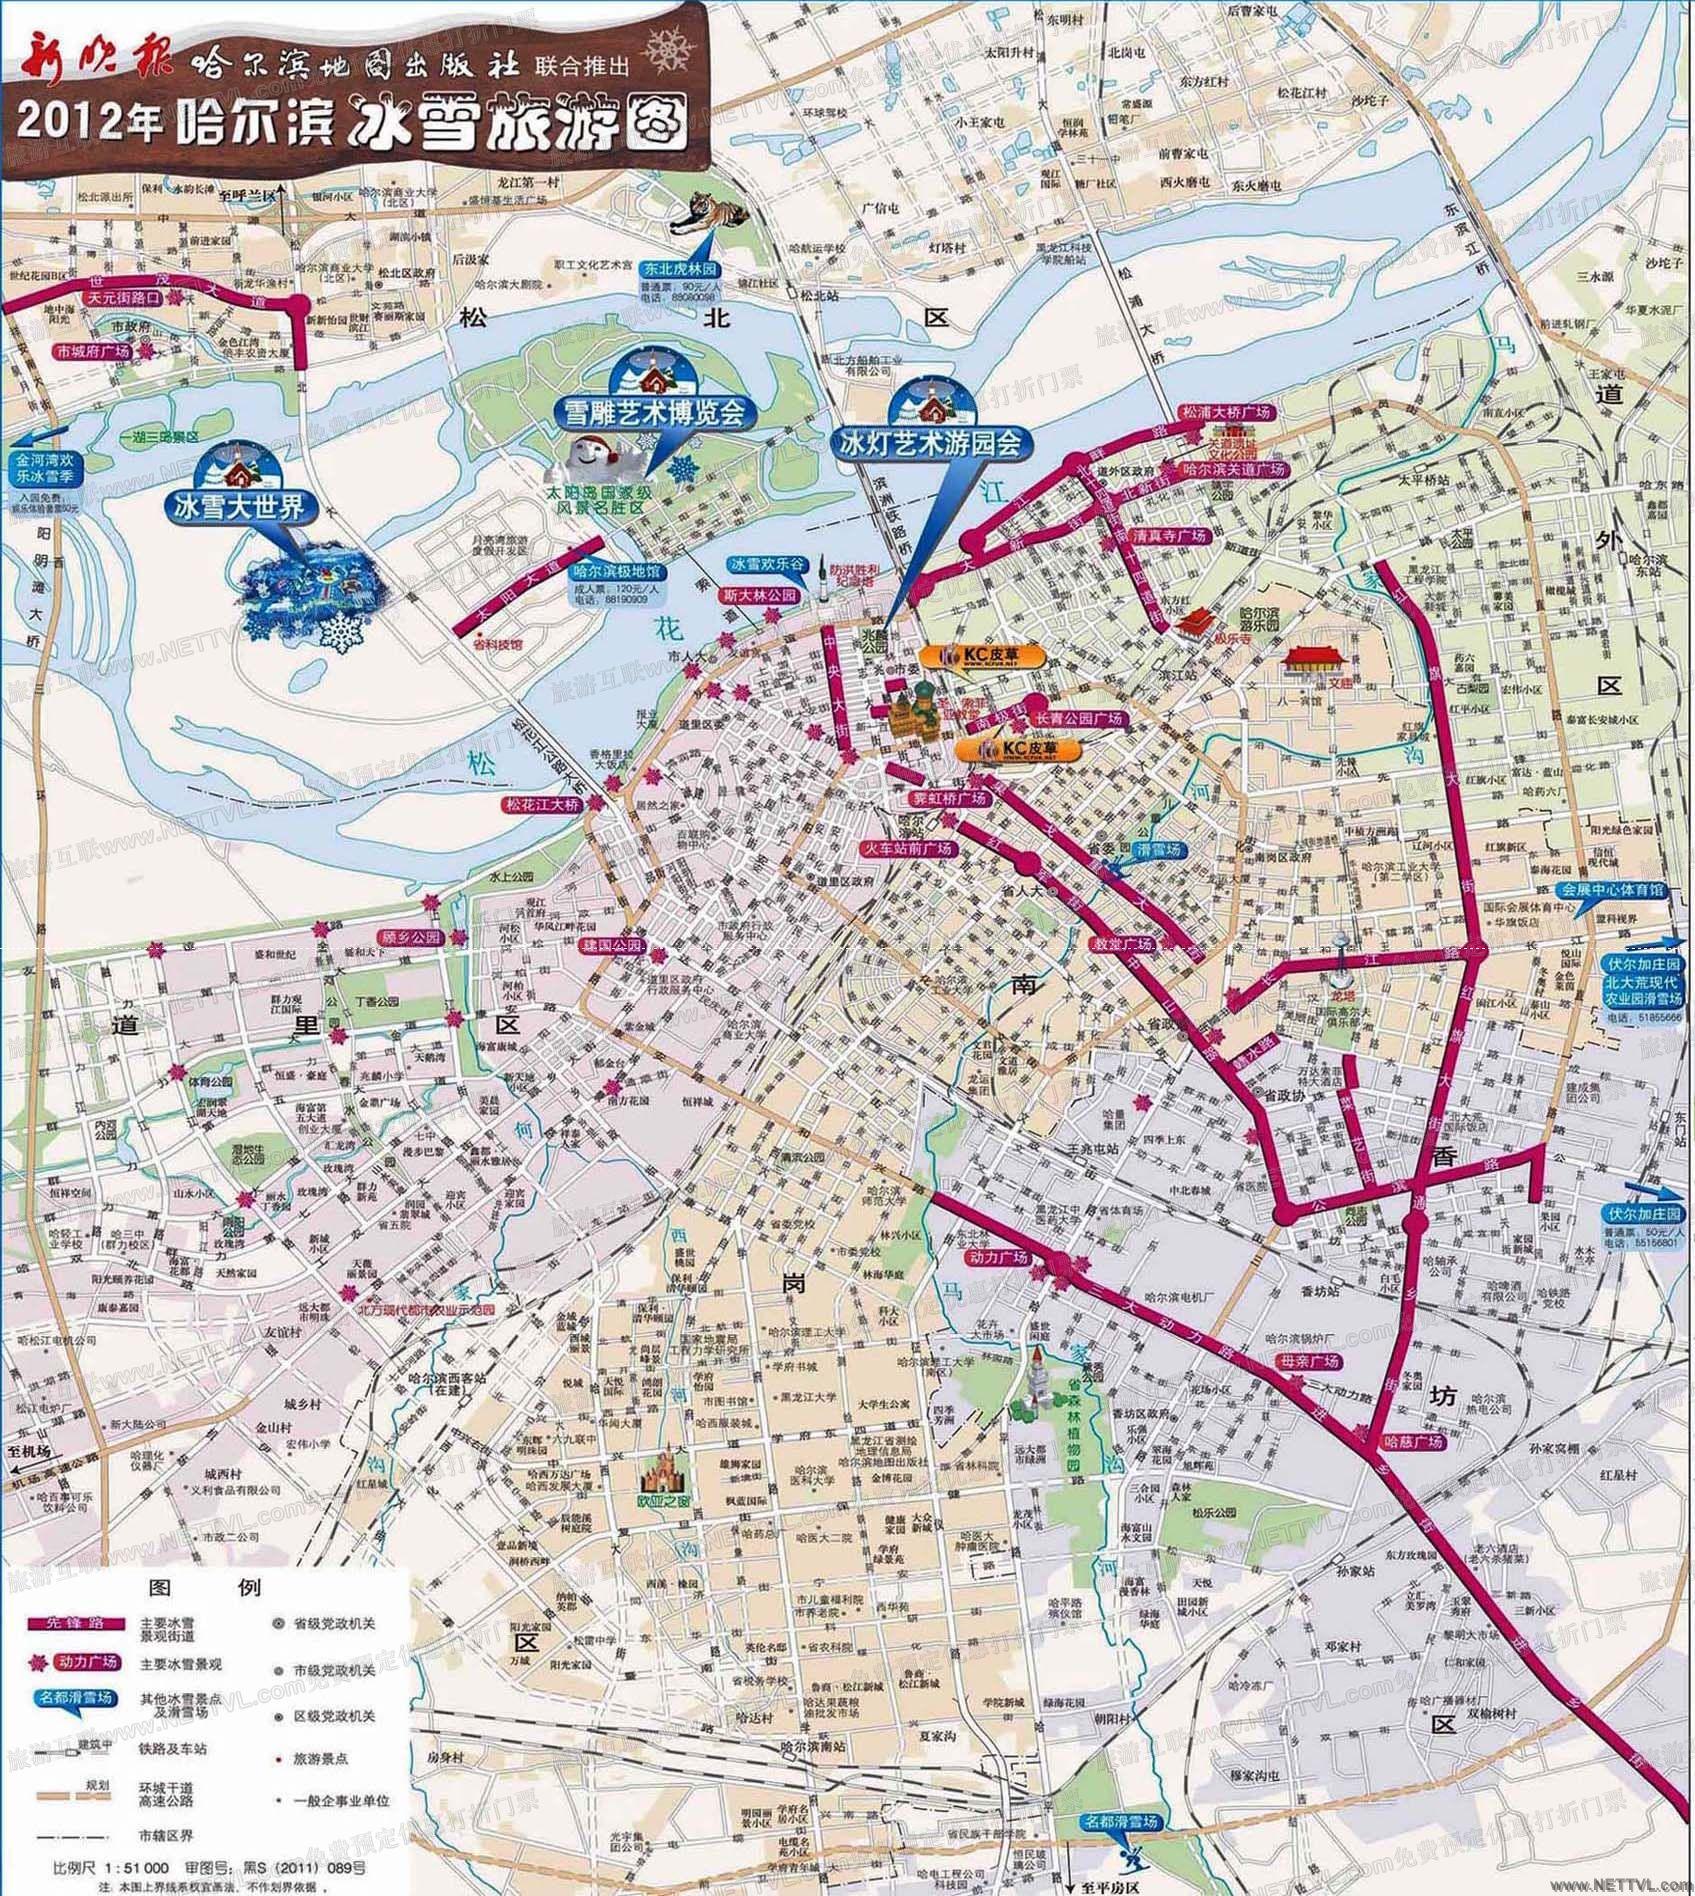 2016-2017年哈尔滨冰雪旅游地图哈尔滨冰雪旅游攻略